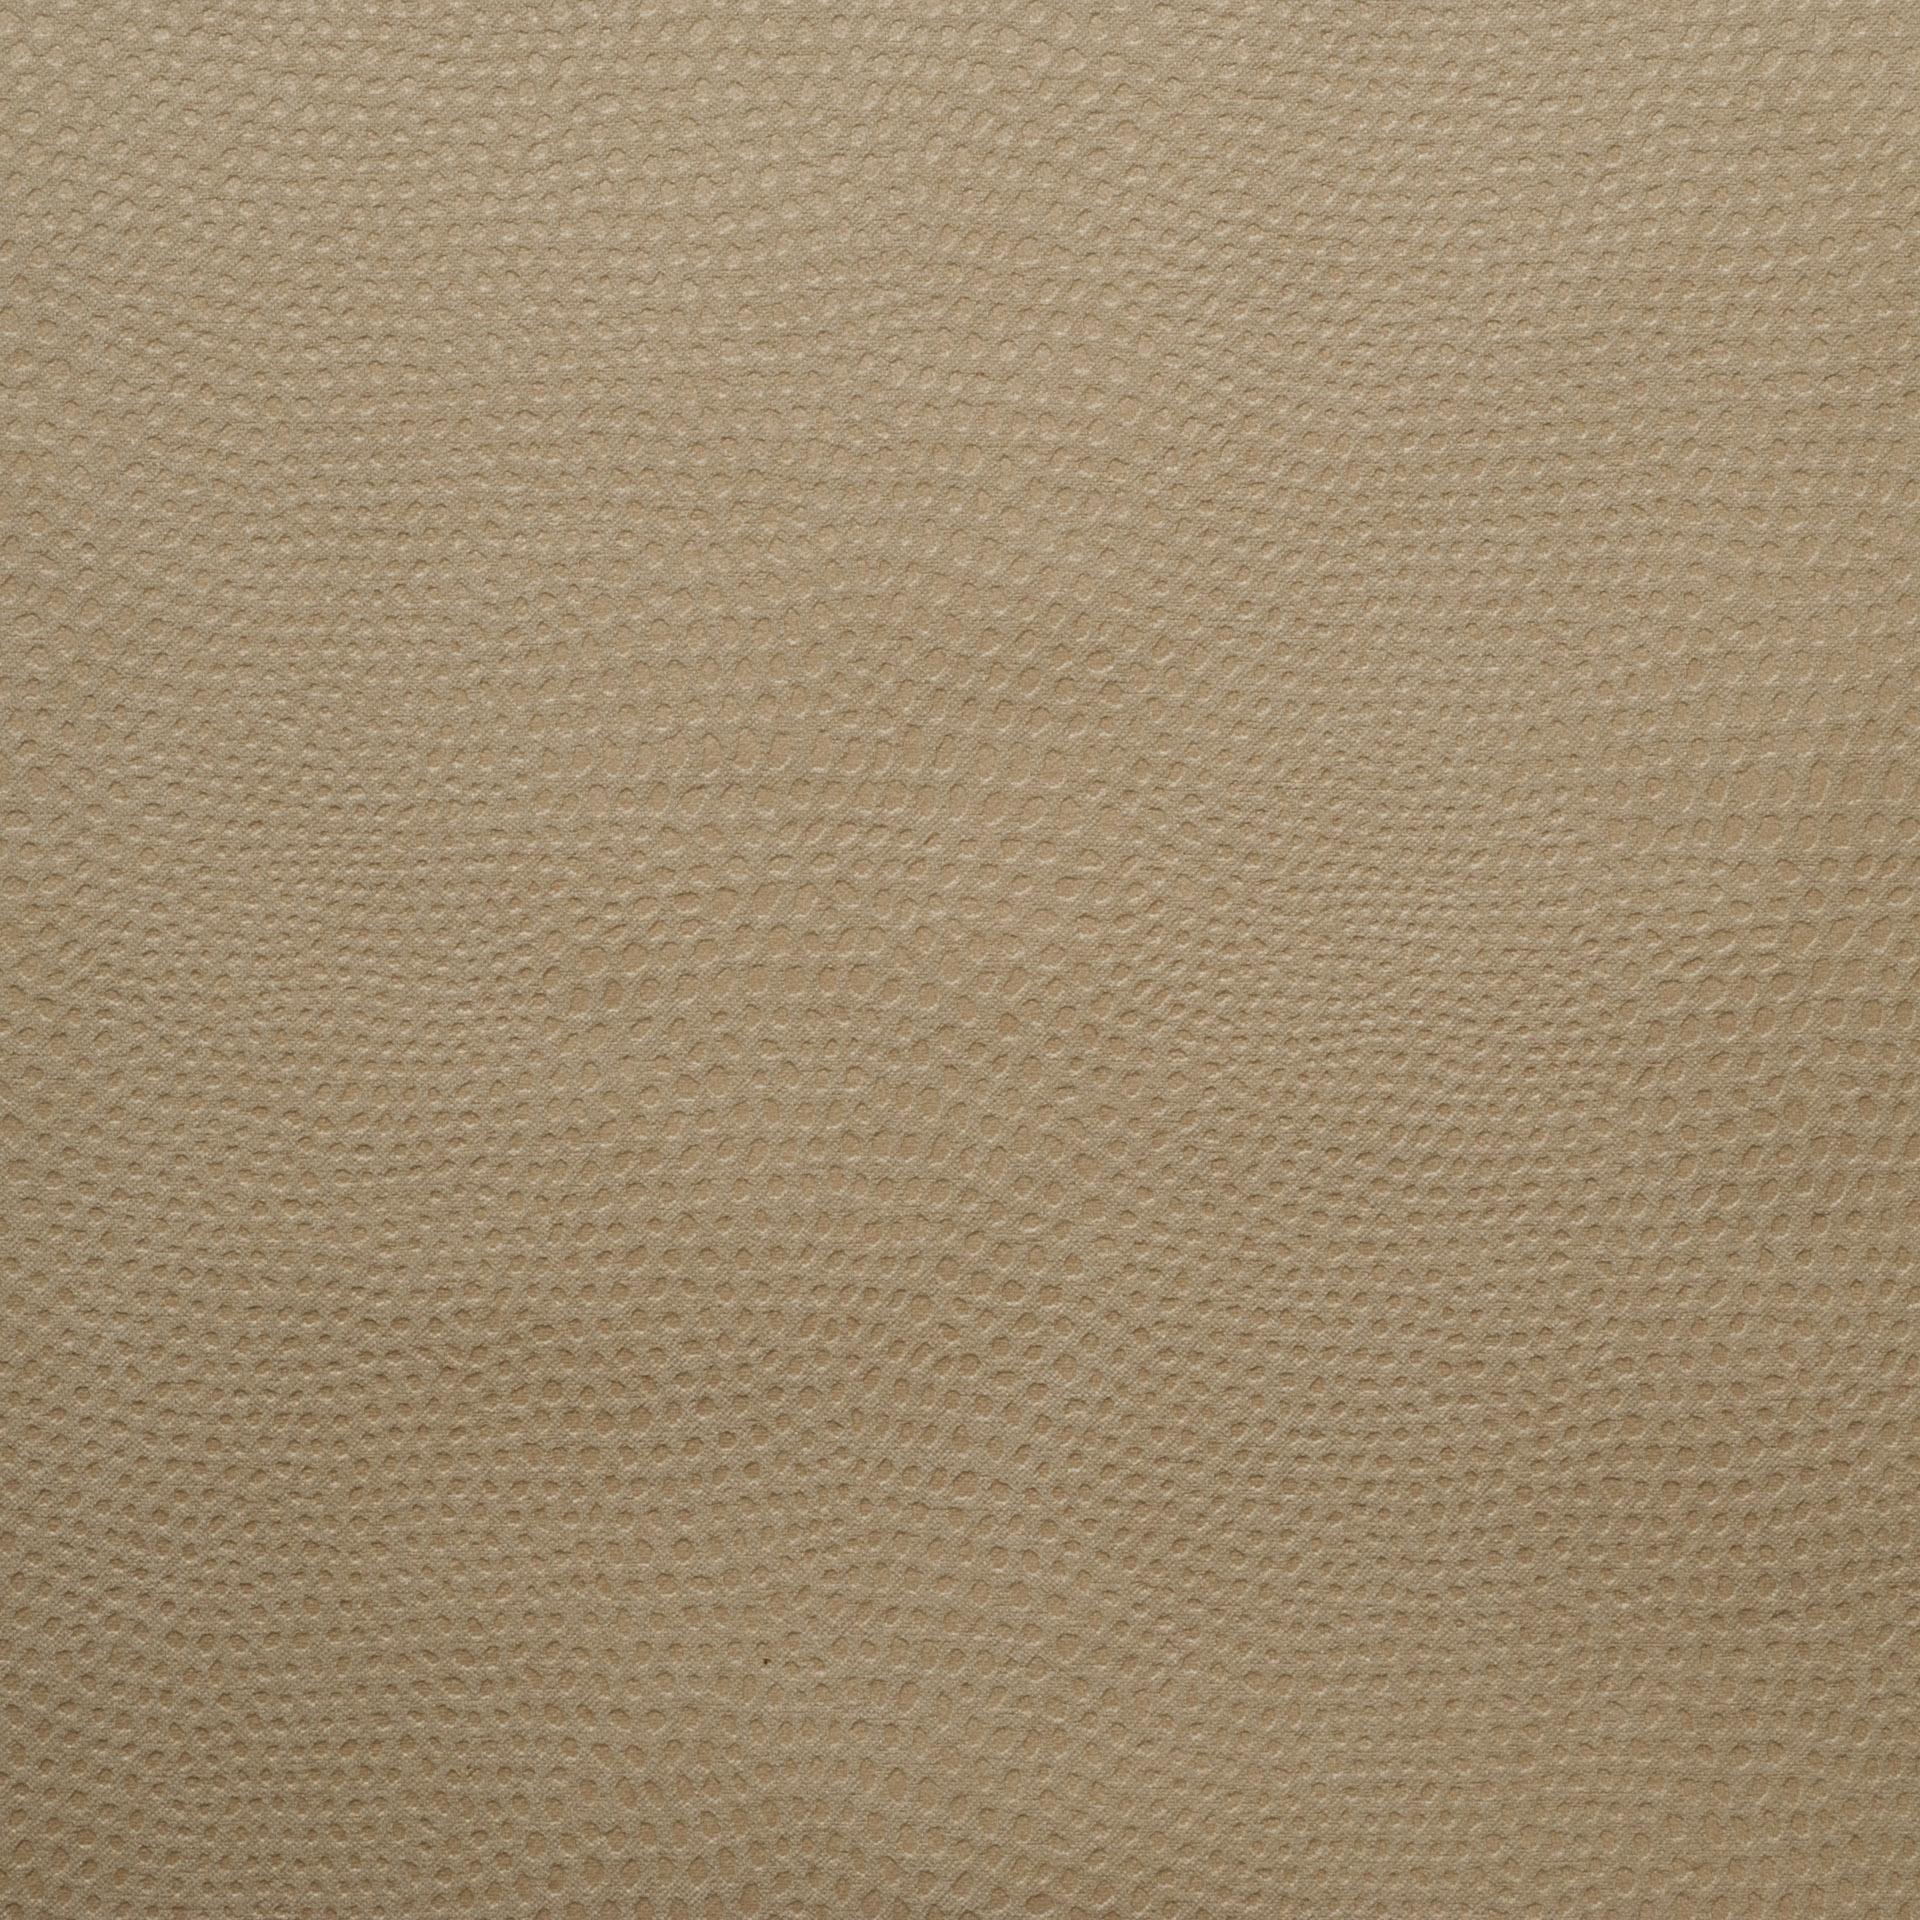 Коллекция ткани Снейк 2221 OYSTER,  купить ткань Велюр для мебели Украина